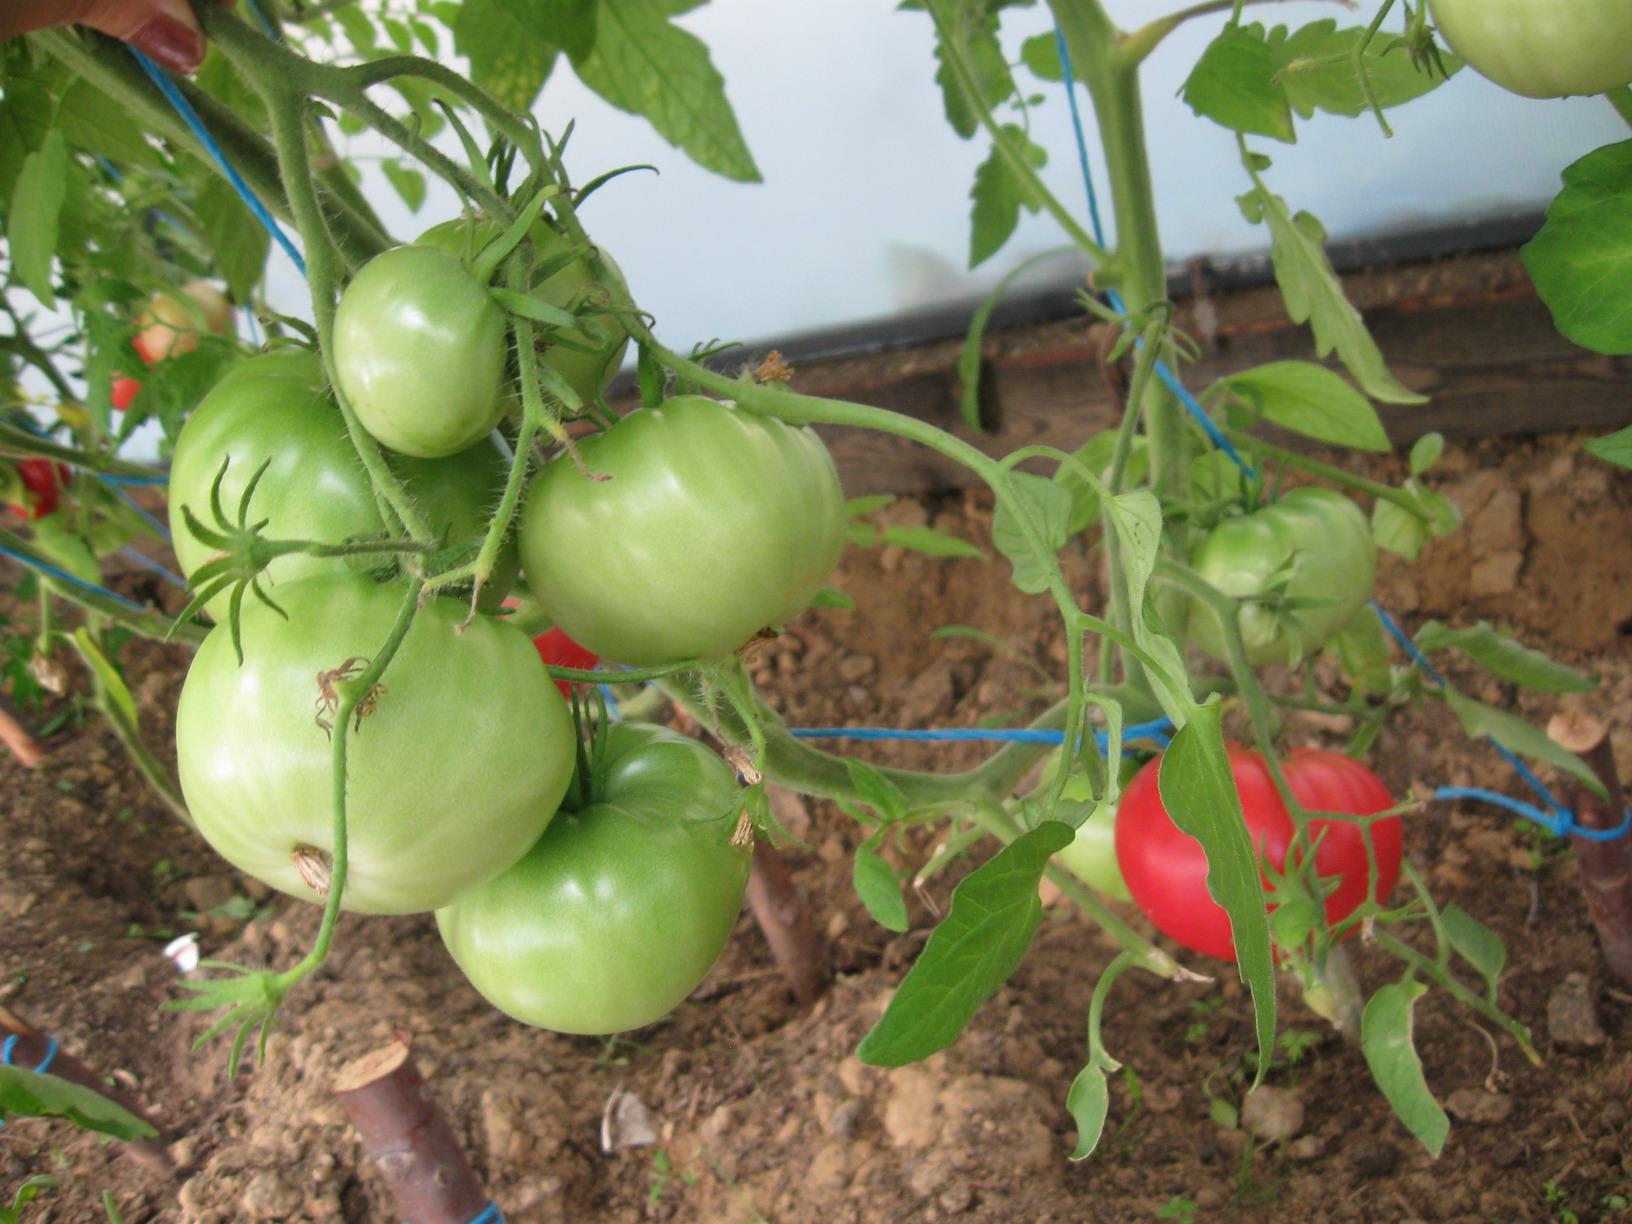 Описание и характеристика сорта томата корнеевский - всё про сады